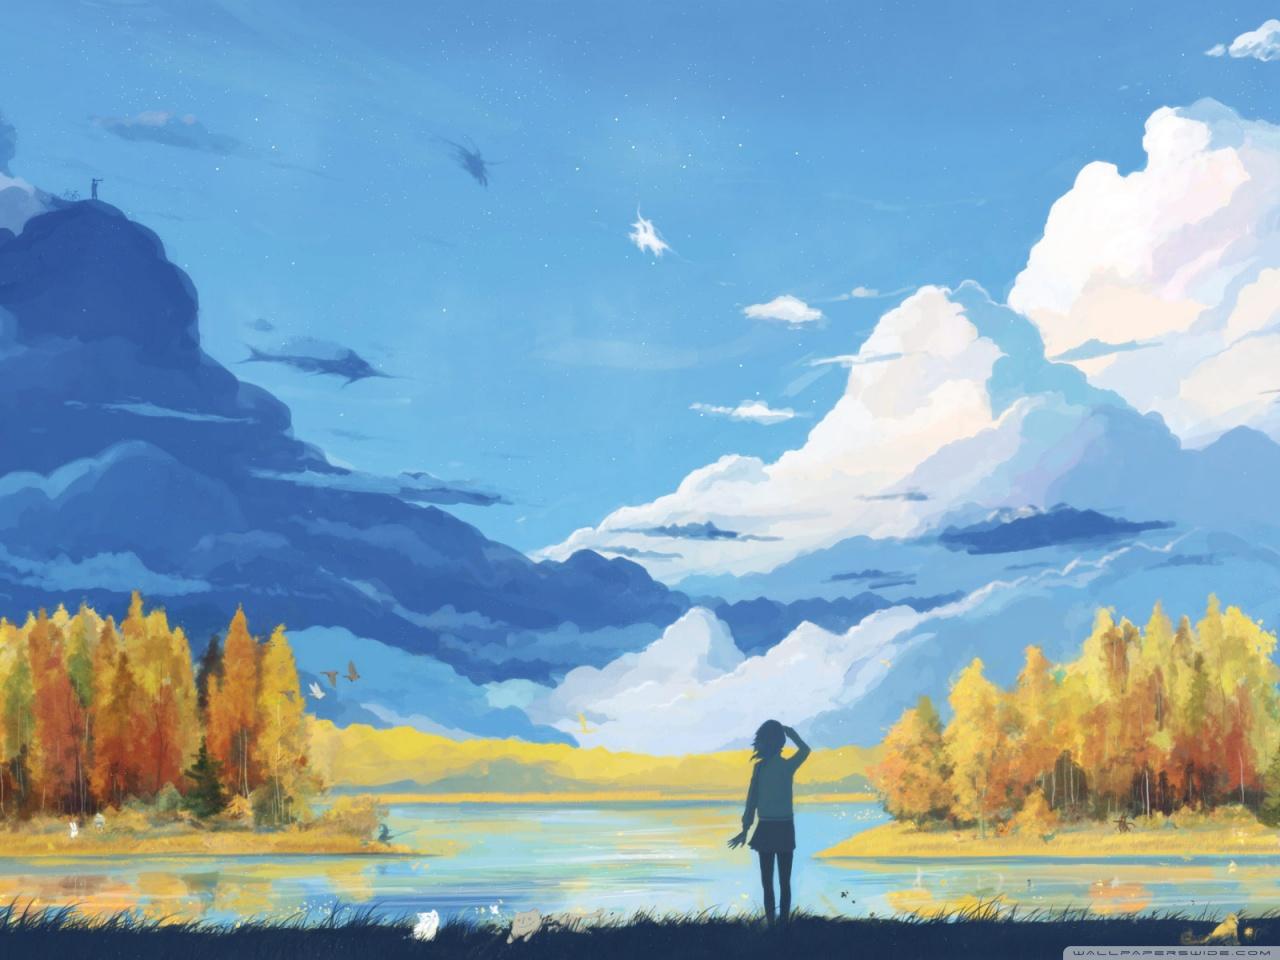 1280x960 Fall Scenery Painting 4k Hd Desktop Wallpaper For 4k Ultra Hd